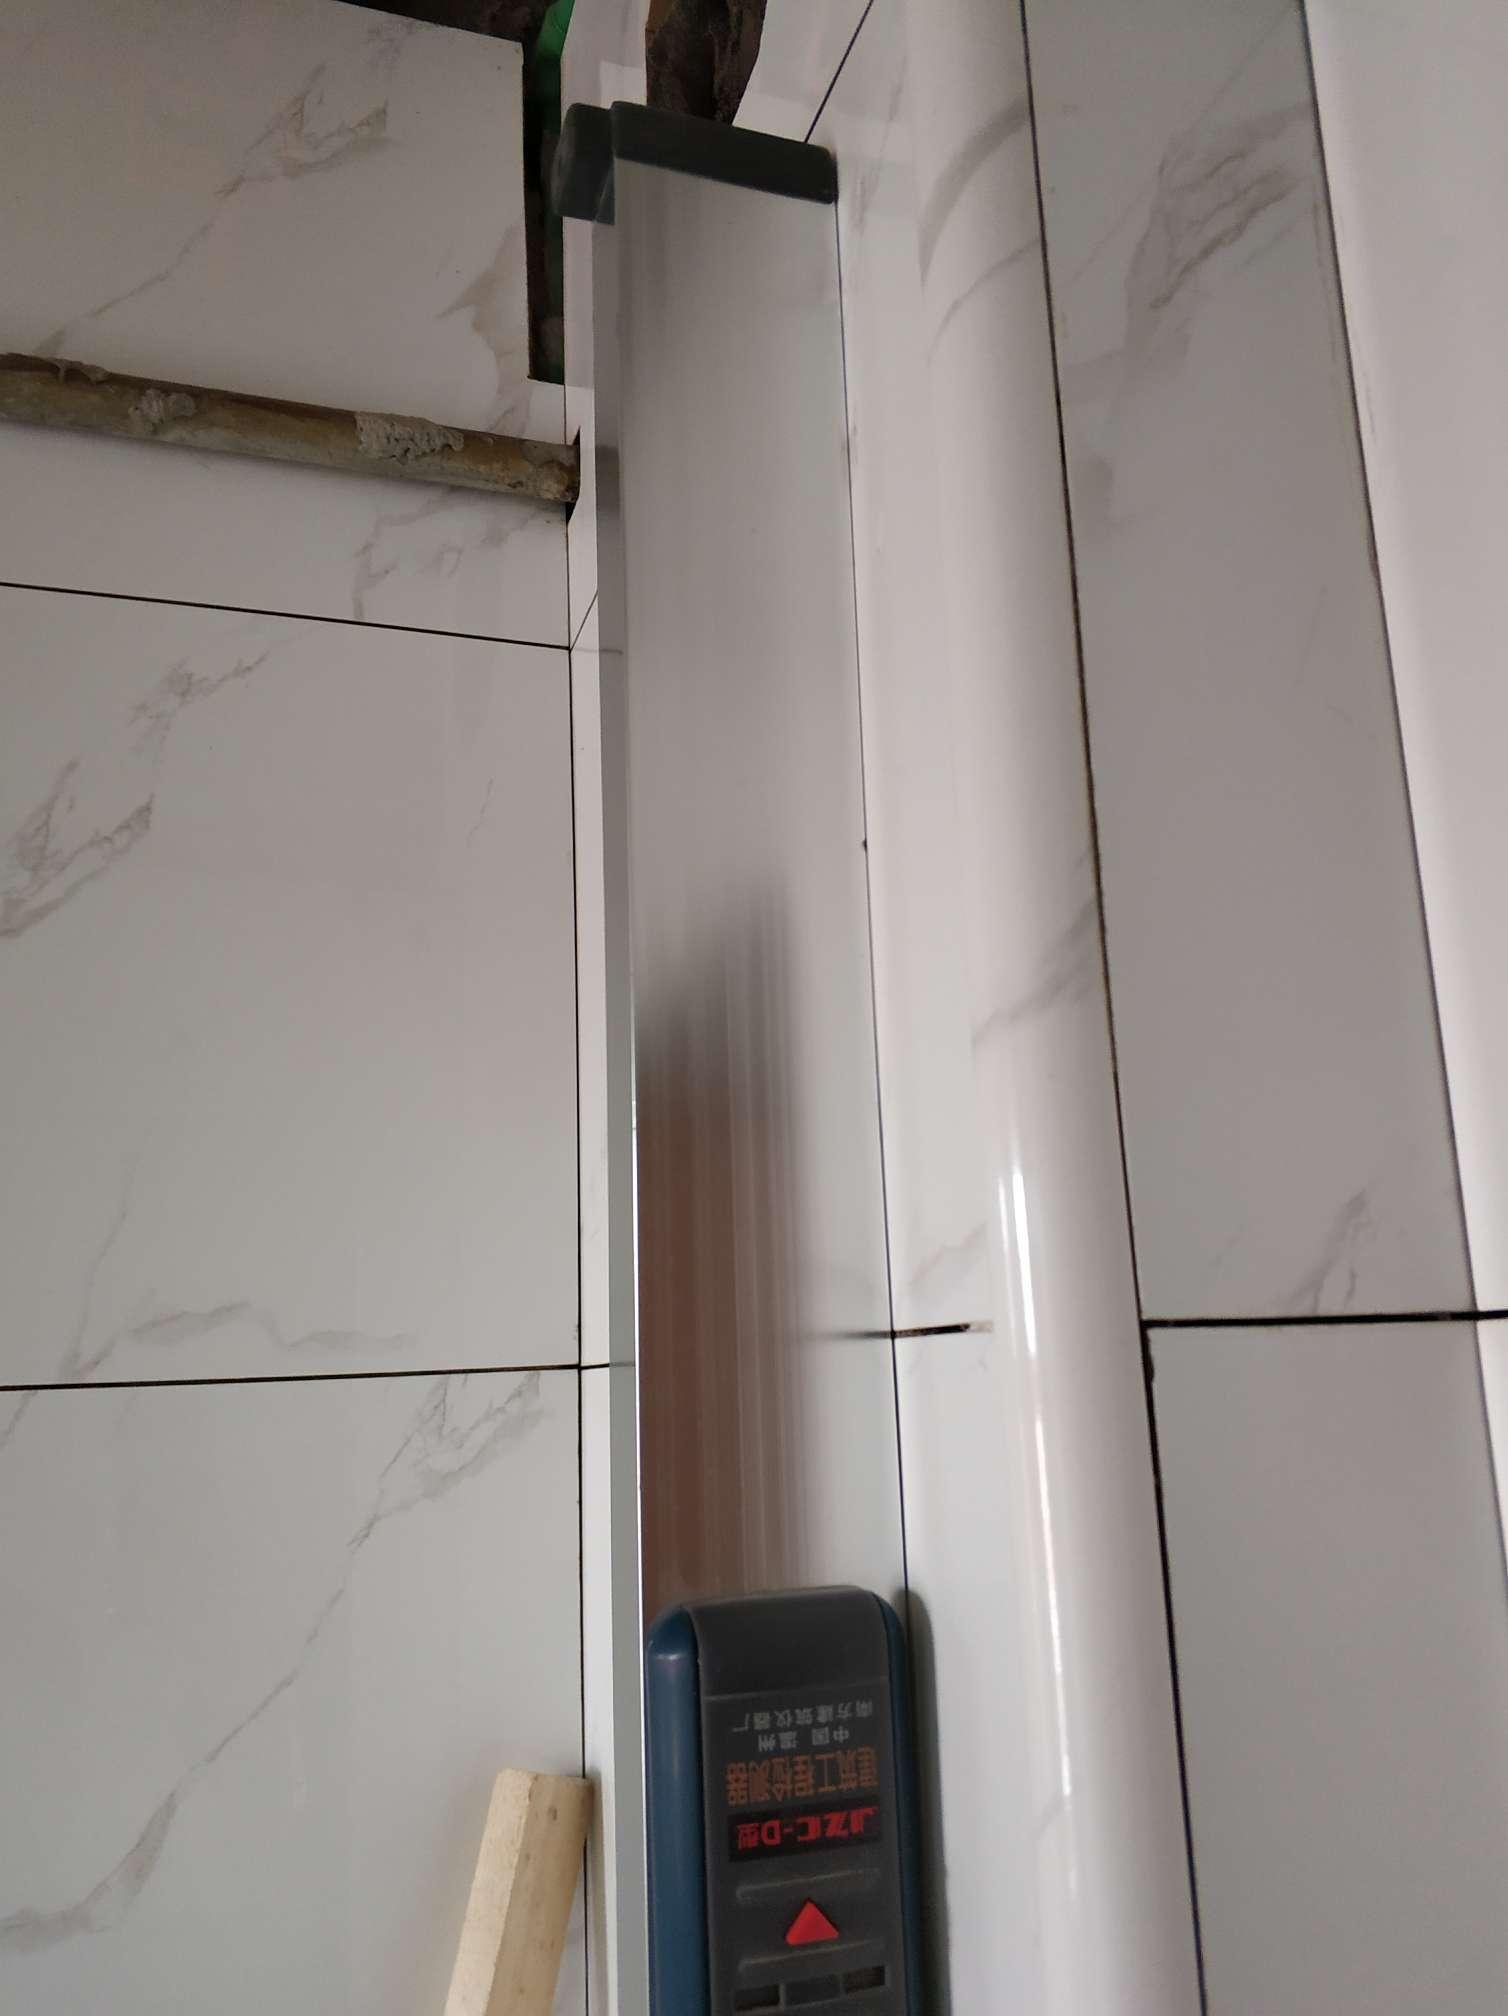 北京向新西里-瓦/木工面层施工检查-2018-11-15